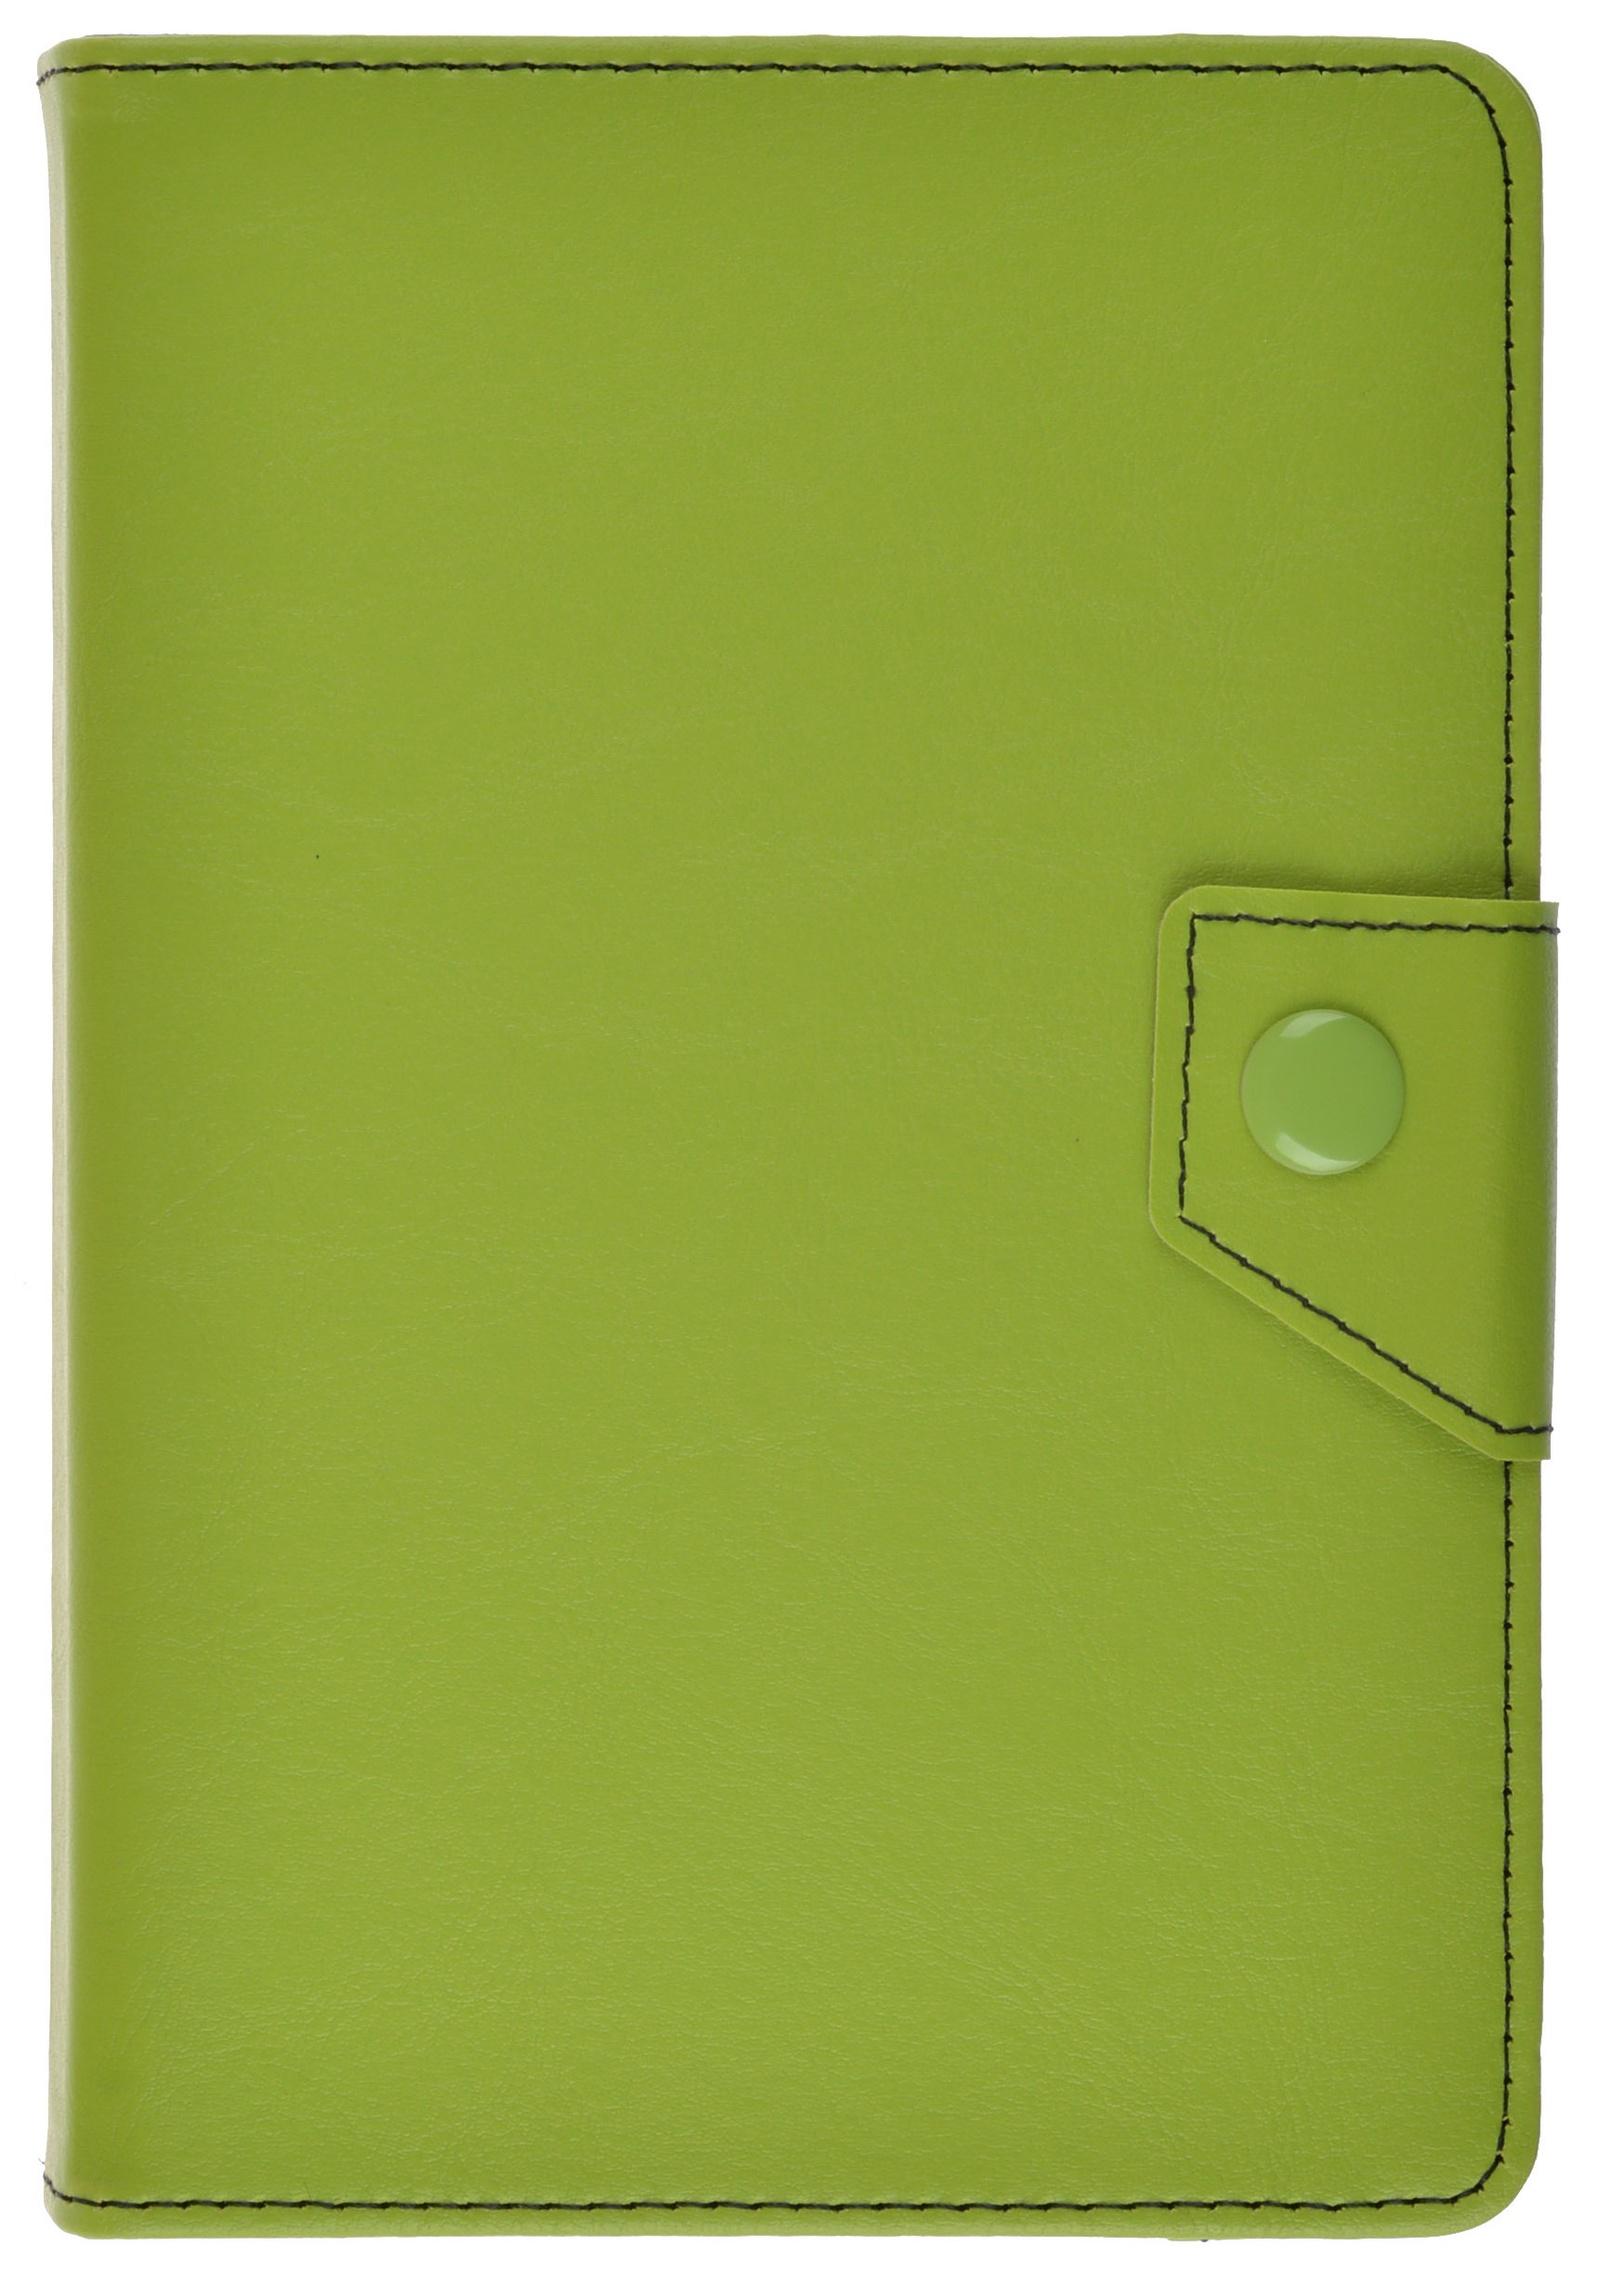 Чехол для планшета ProShield Standard, 4660041409543, зеленый чехол универсальный proshield standard clips8 2000000139876 золотистый